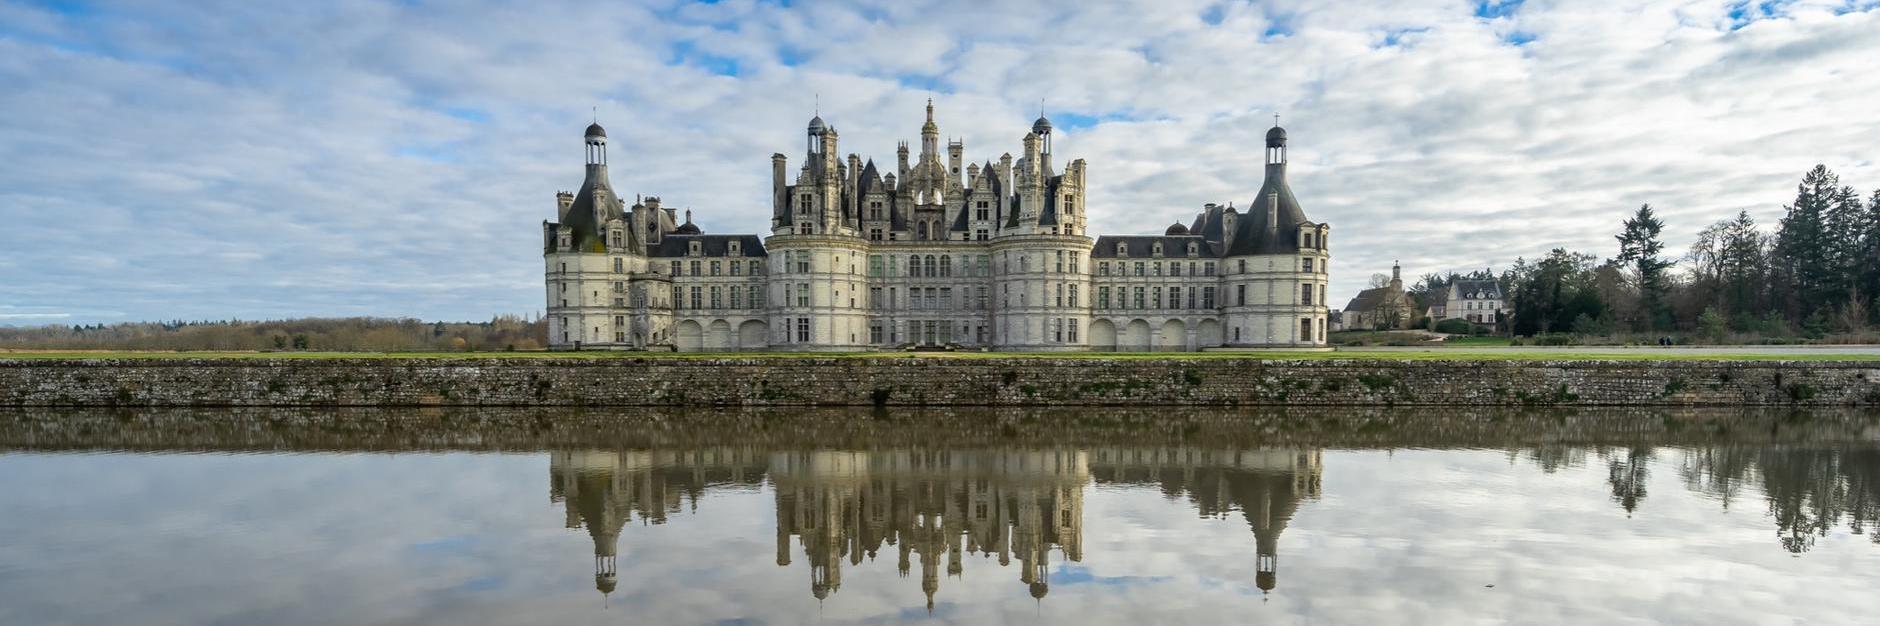 愛上法國童話般的城堡,以文藝復興的角度解讀王室家族的歷史傳承